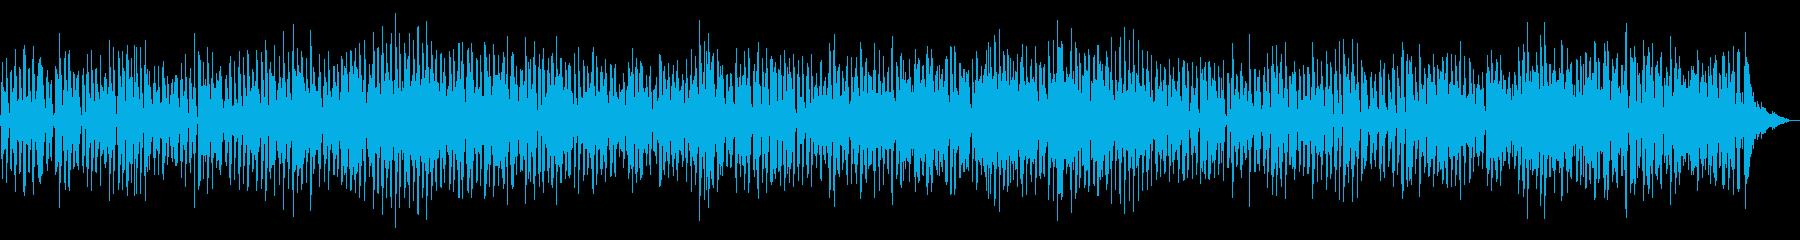 愛情あふれるデキシーランドジャズの再生済みの波形